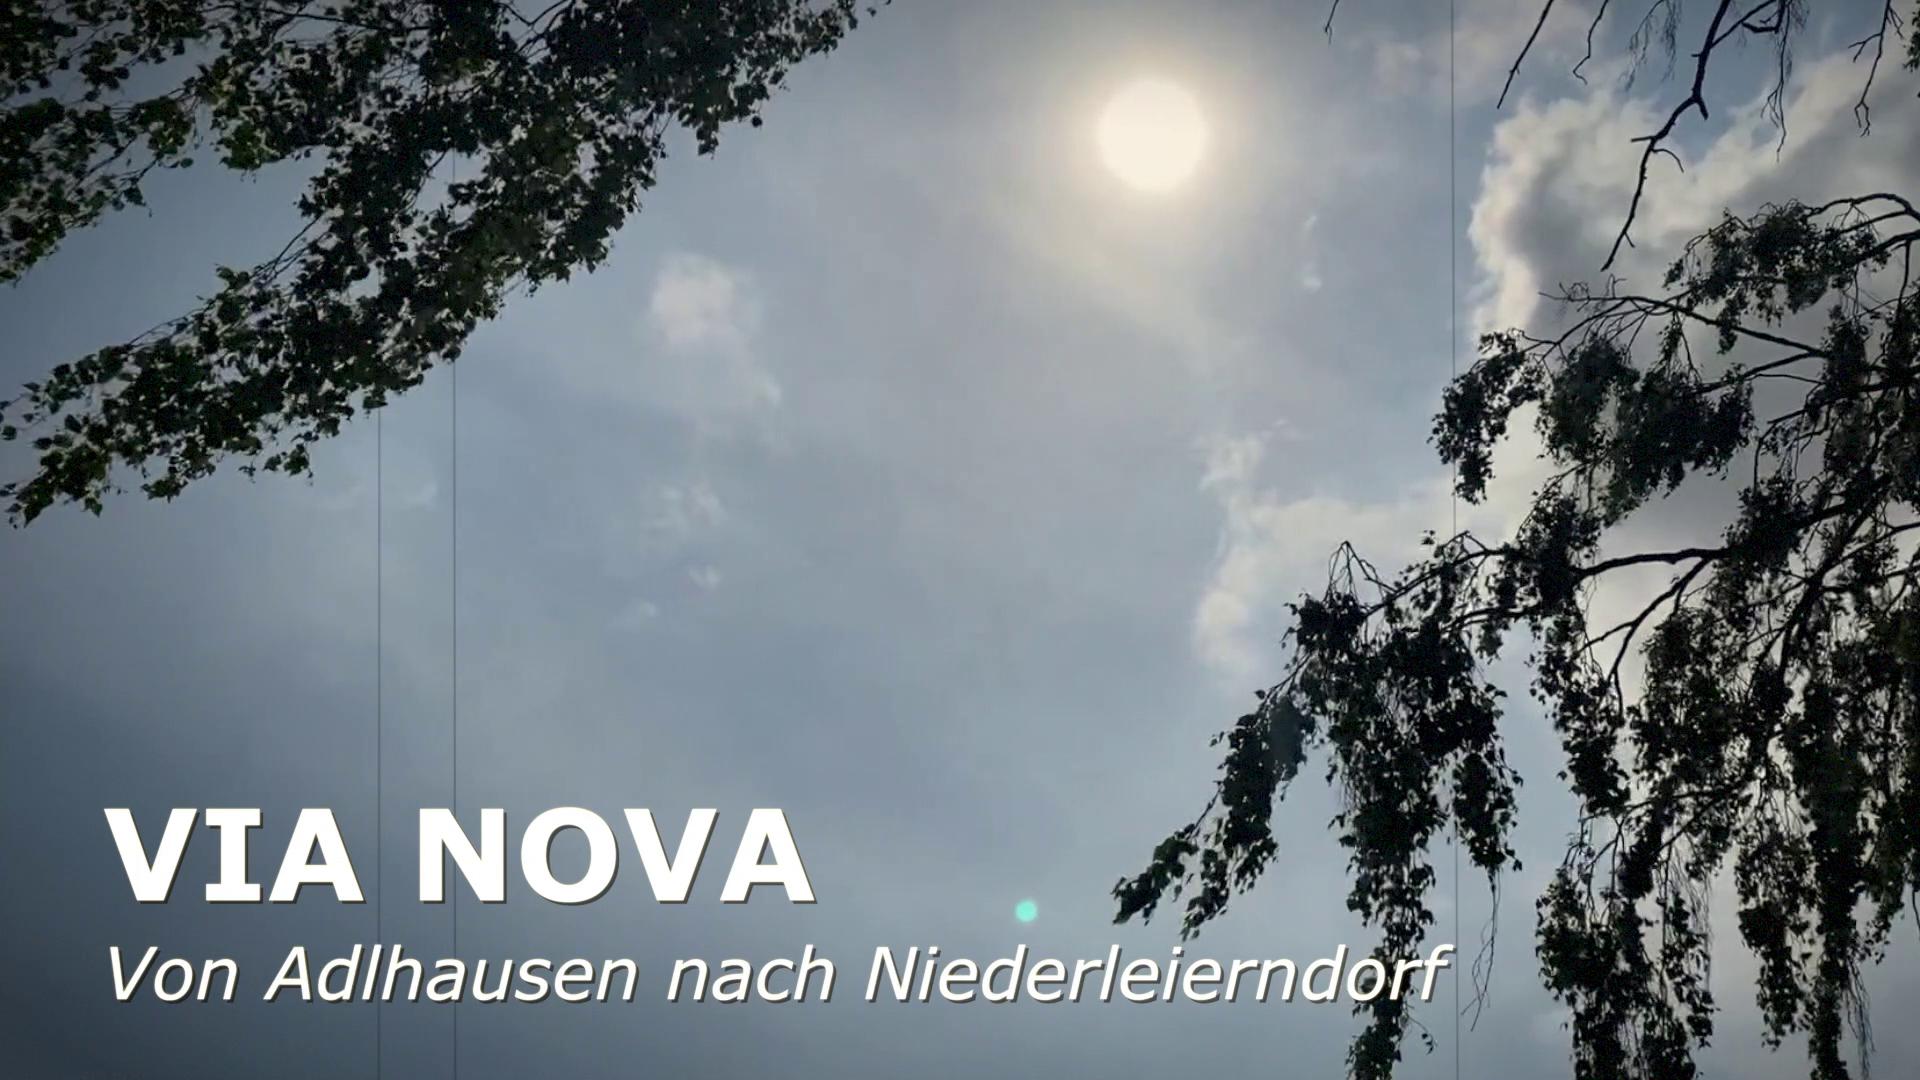 Via Nova: Tag 3 von Adlhausen nach Niederleierndorf